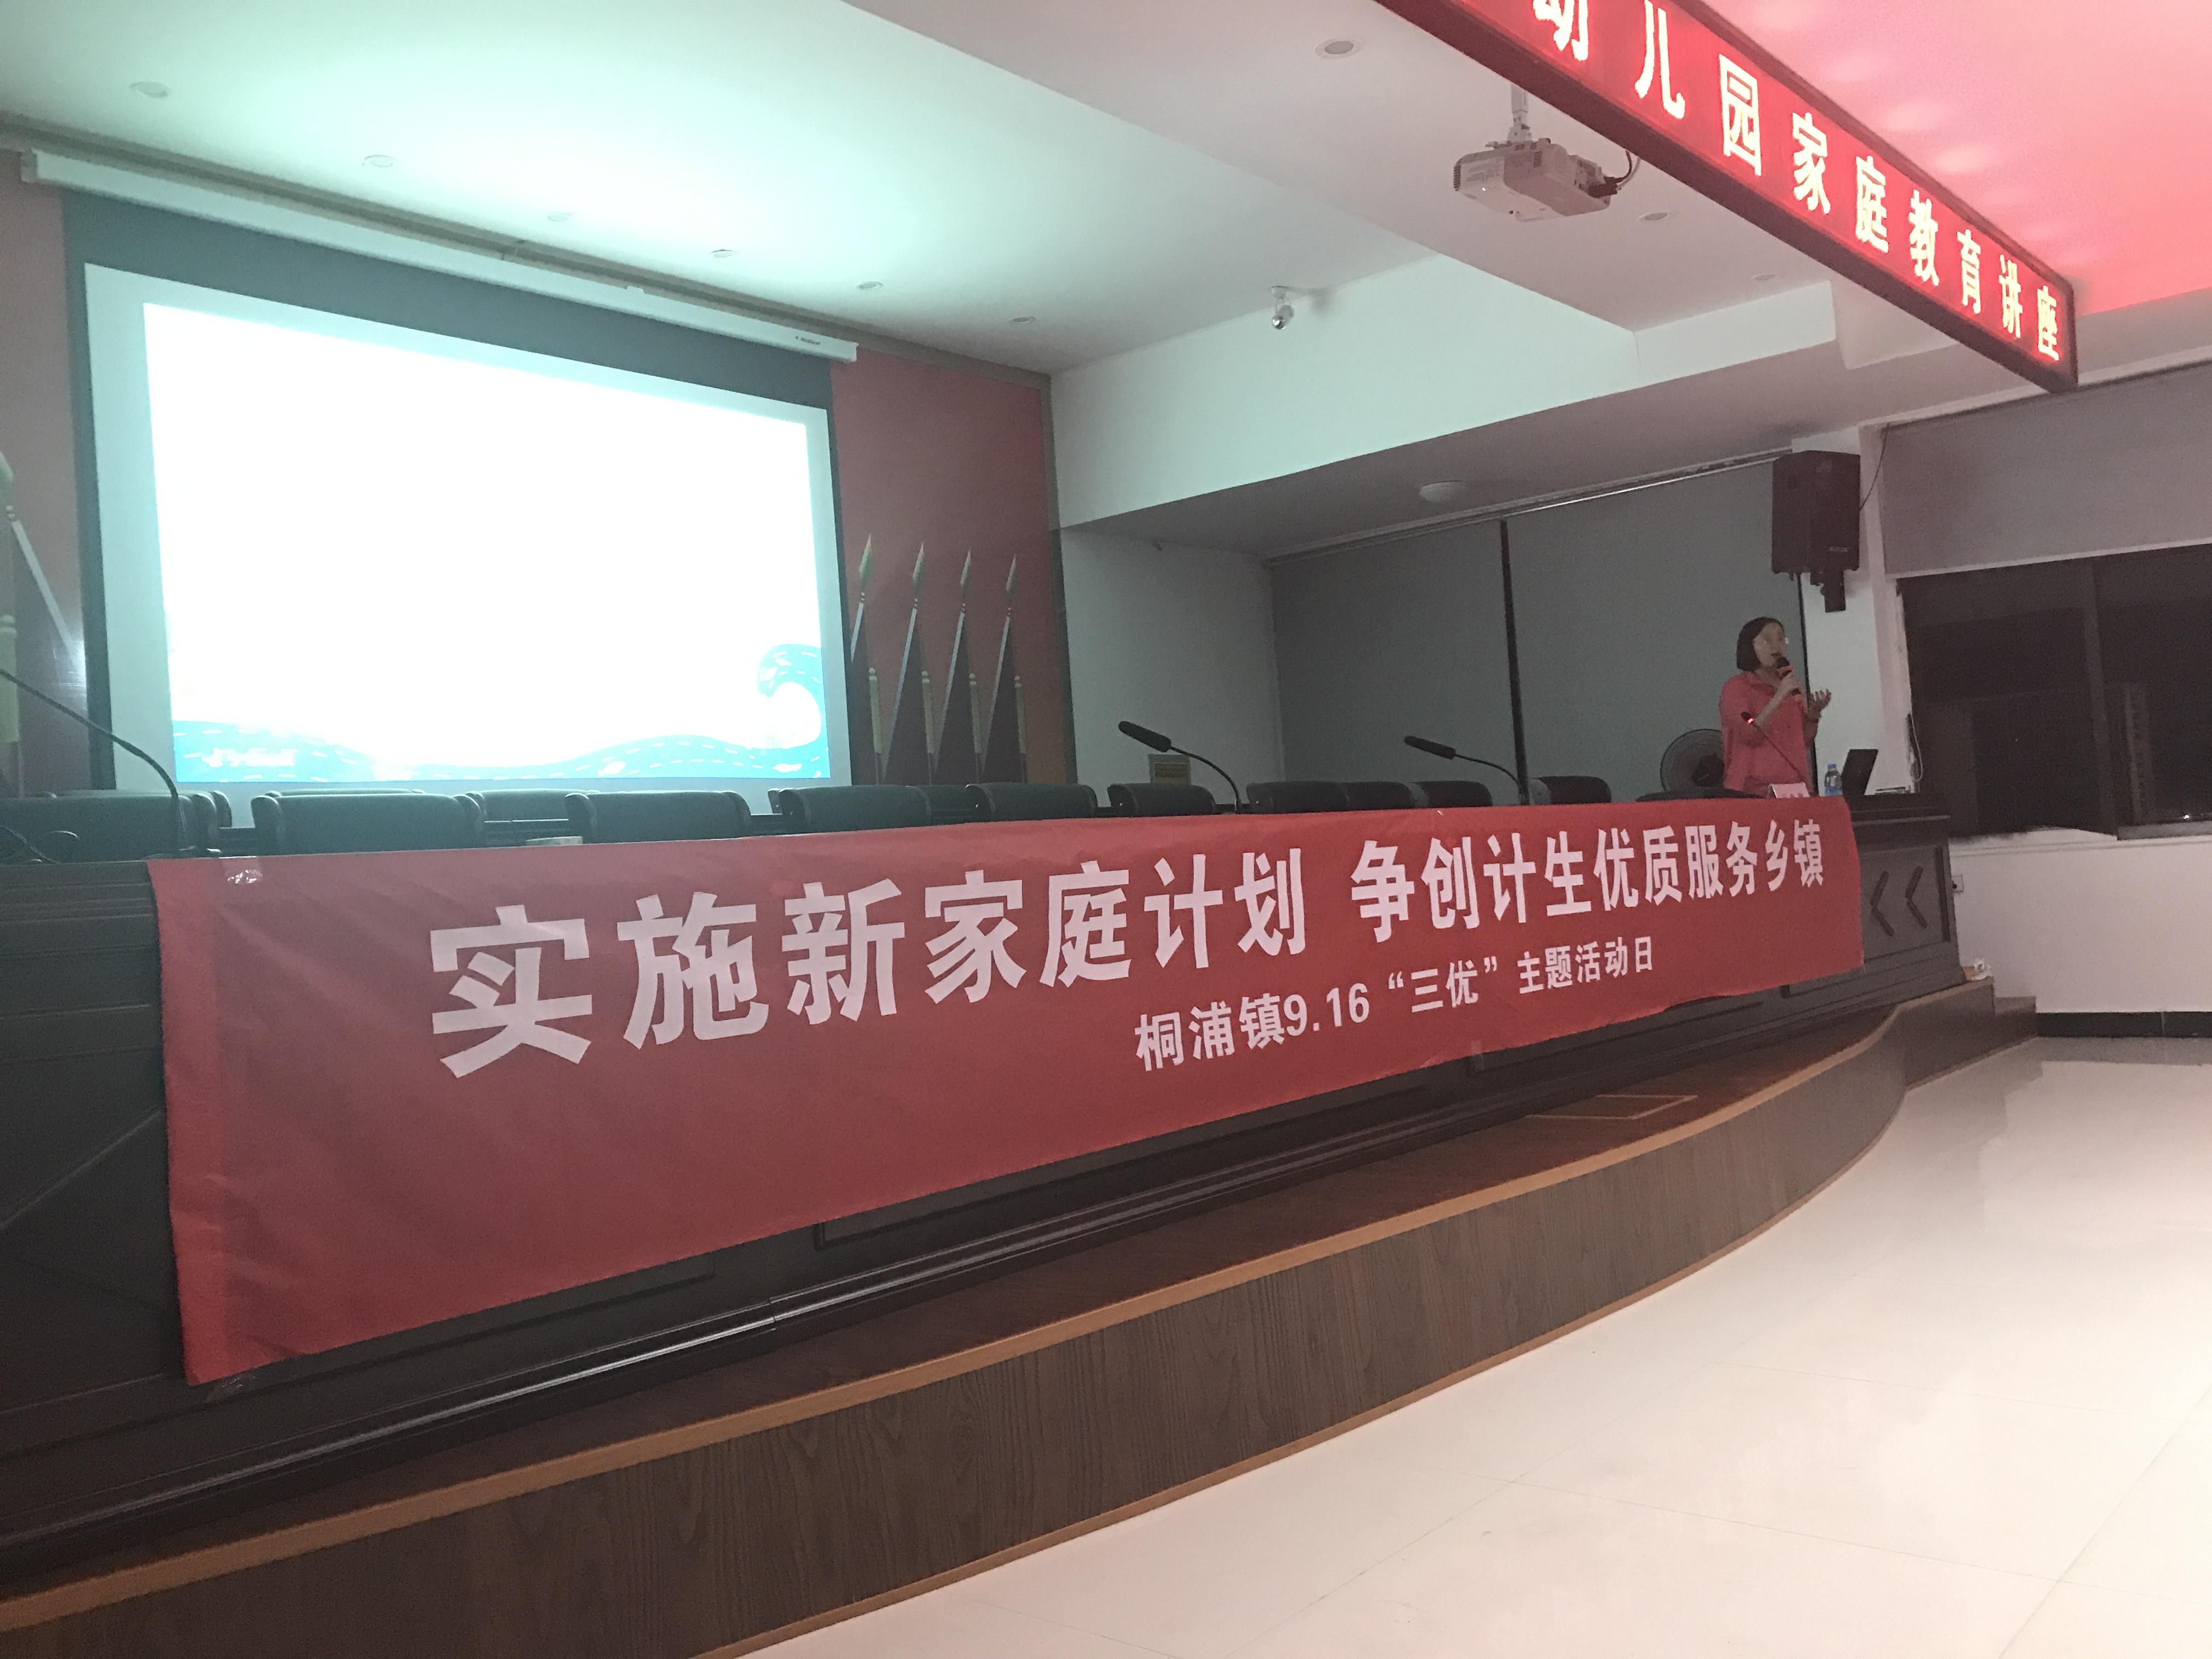 """实施新家庭计划,争创计生优质服务乡镇---桐浦镇9.16""""三优""""主题活动日"""